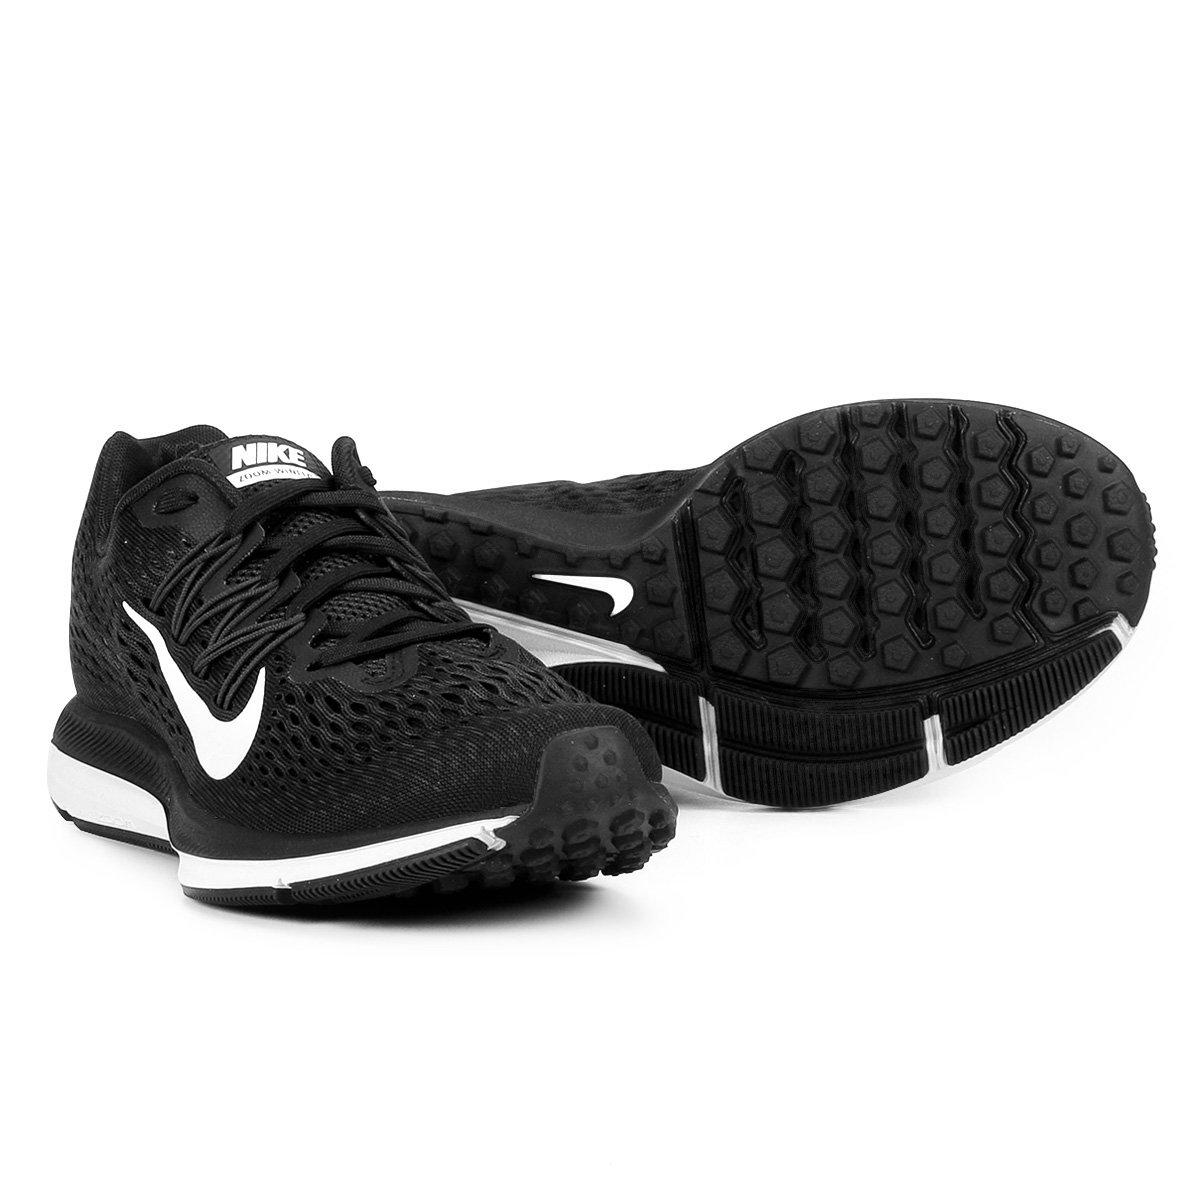 the best attitude b8b2e e87fb Tênis Nike WMNS Zoom Winflo 5 Feminino - Preto e Branco - Compre Agora    Shop Timão